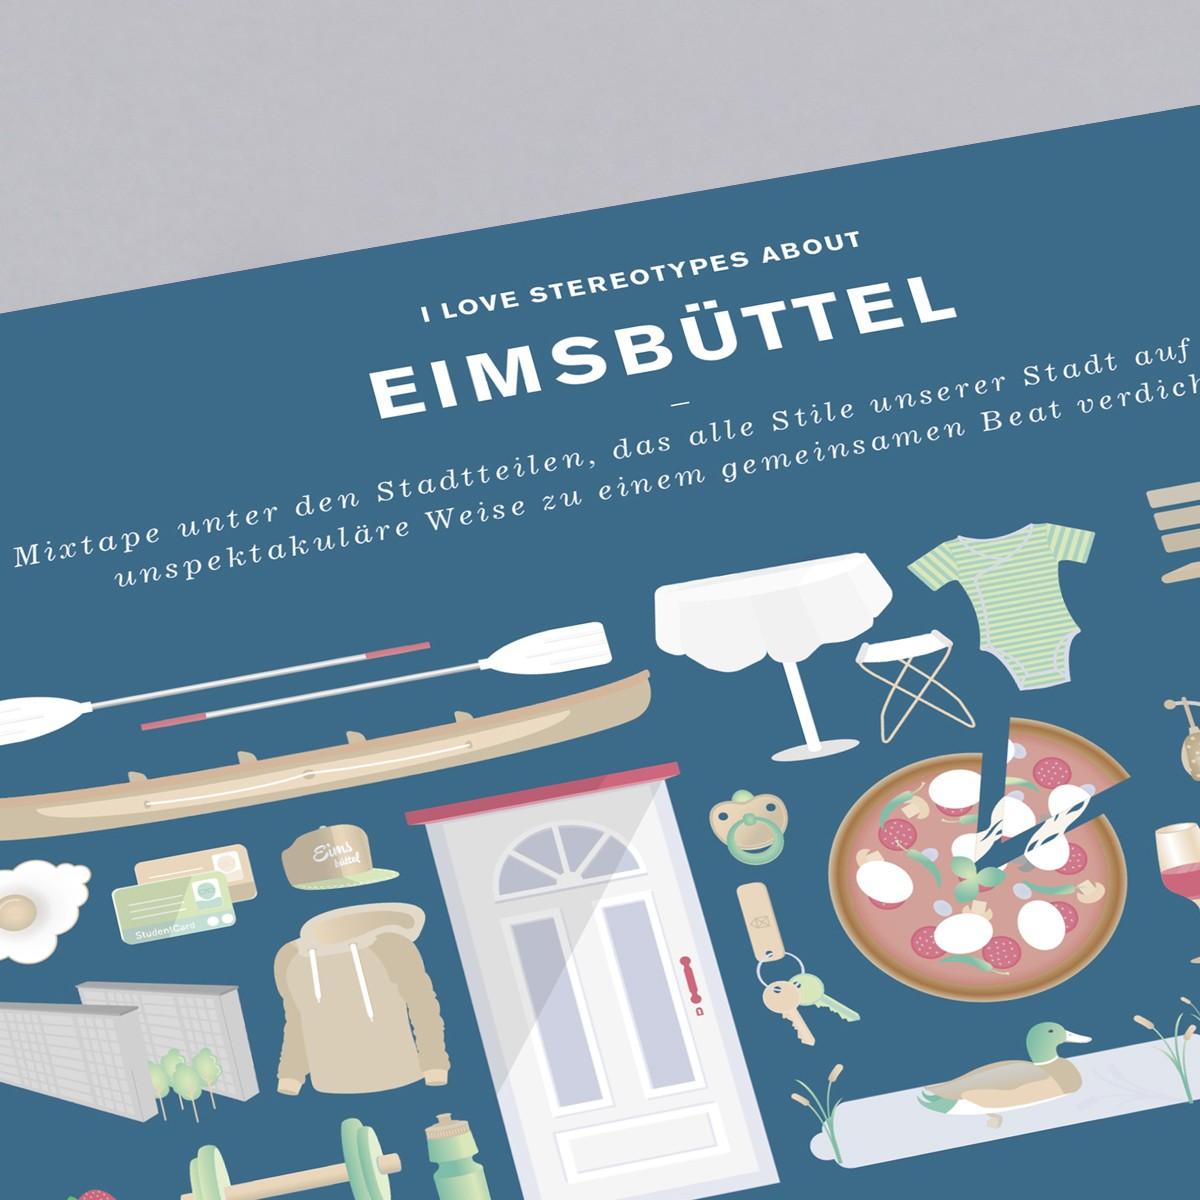 Bureau Bald Stadtteil Brettchen Eimsbüttel